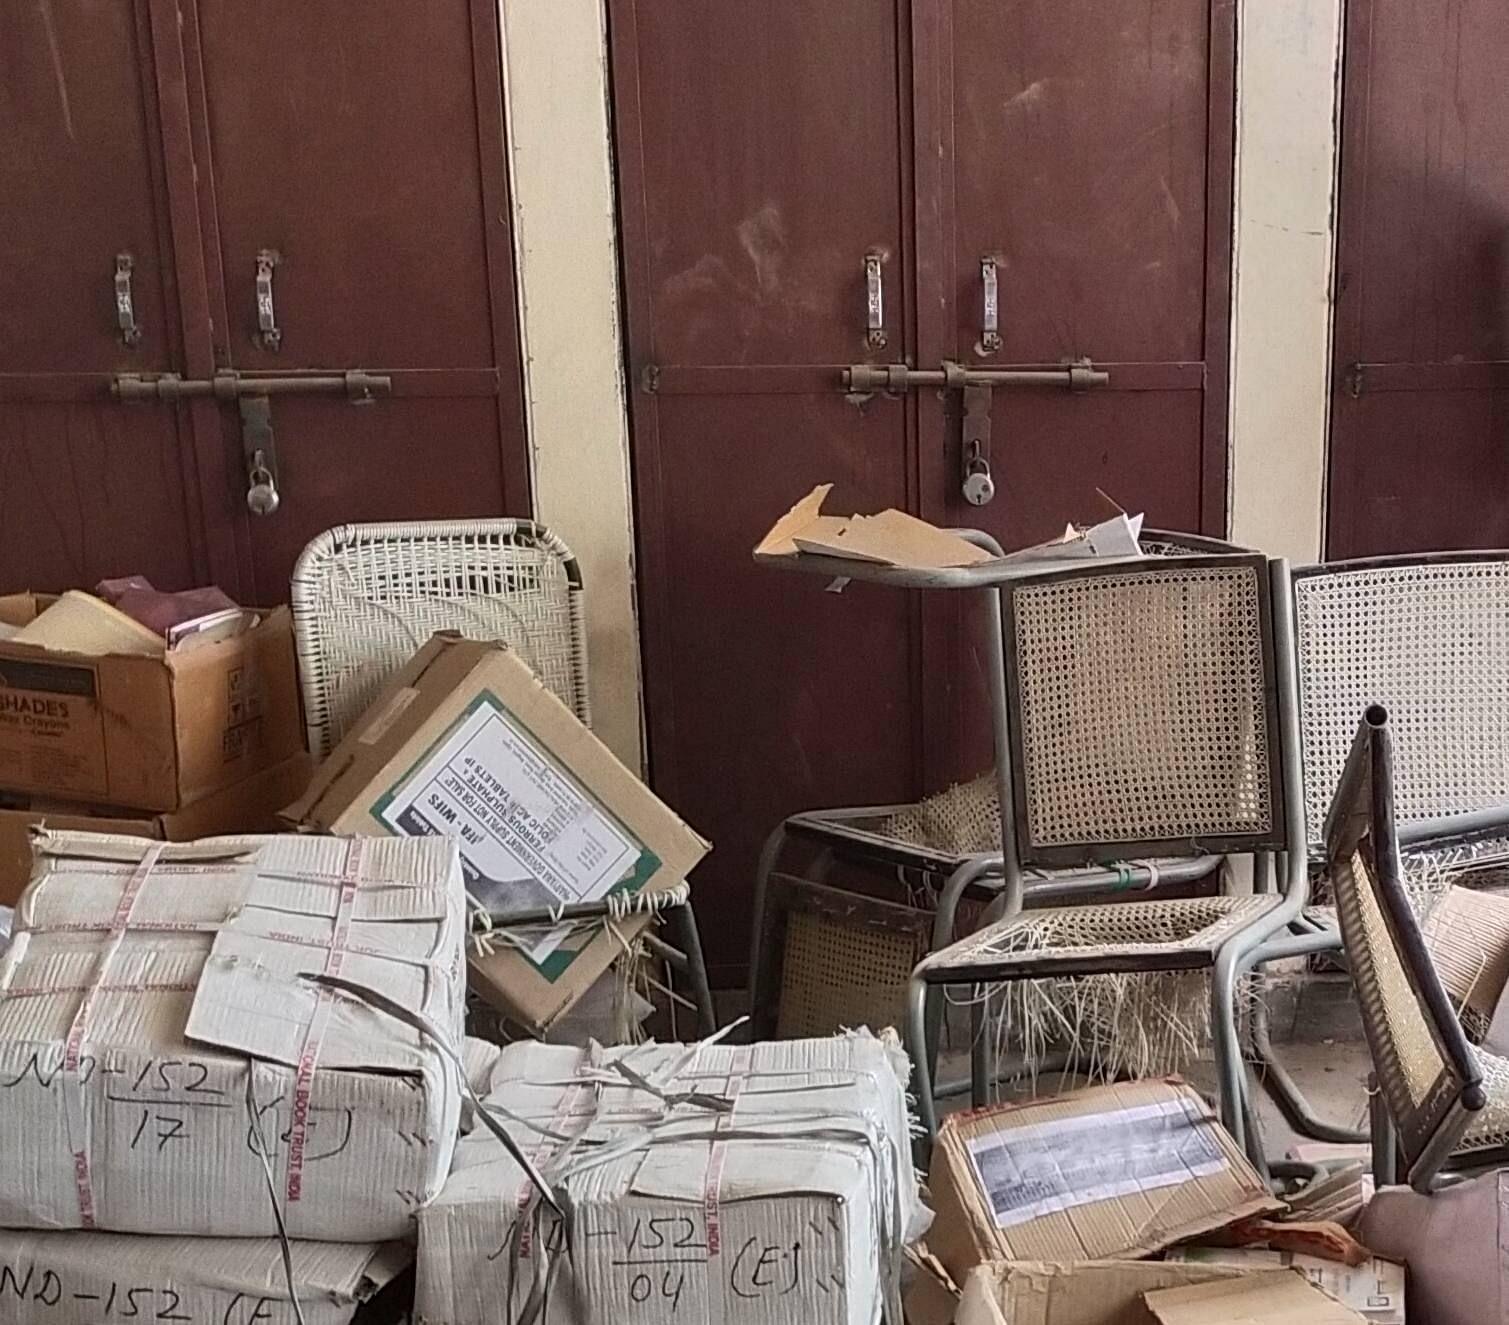 खंड शिक्षा अधिकारी कार्यालय में कबाड़ में फेंका गया दवाइयों से भरा डिब्बा।